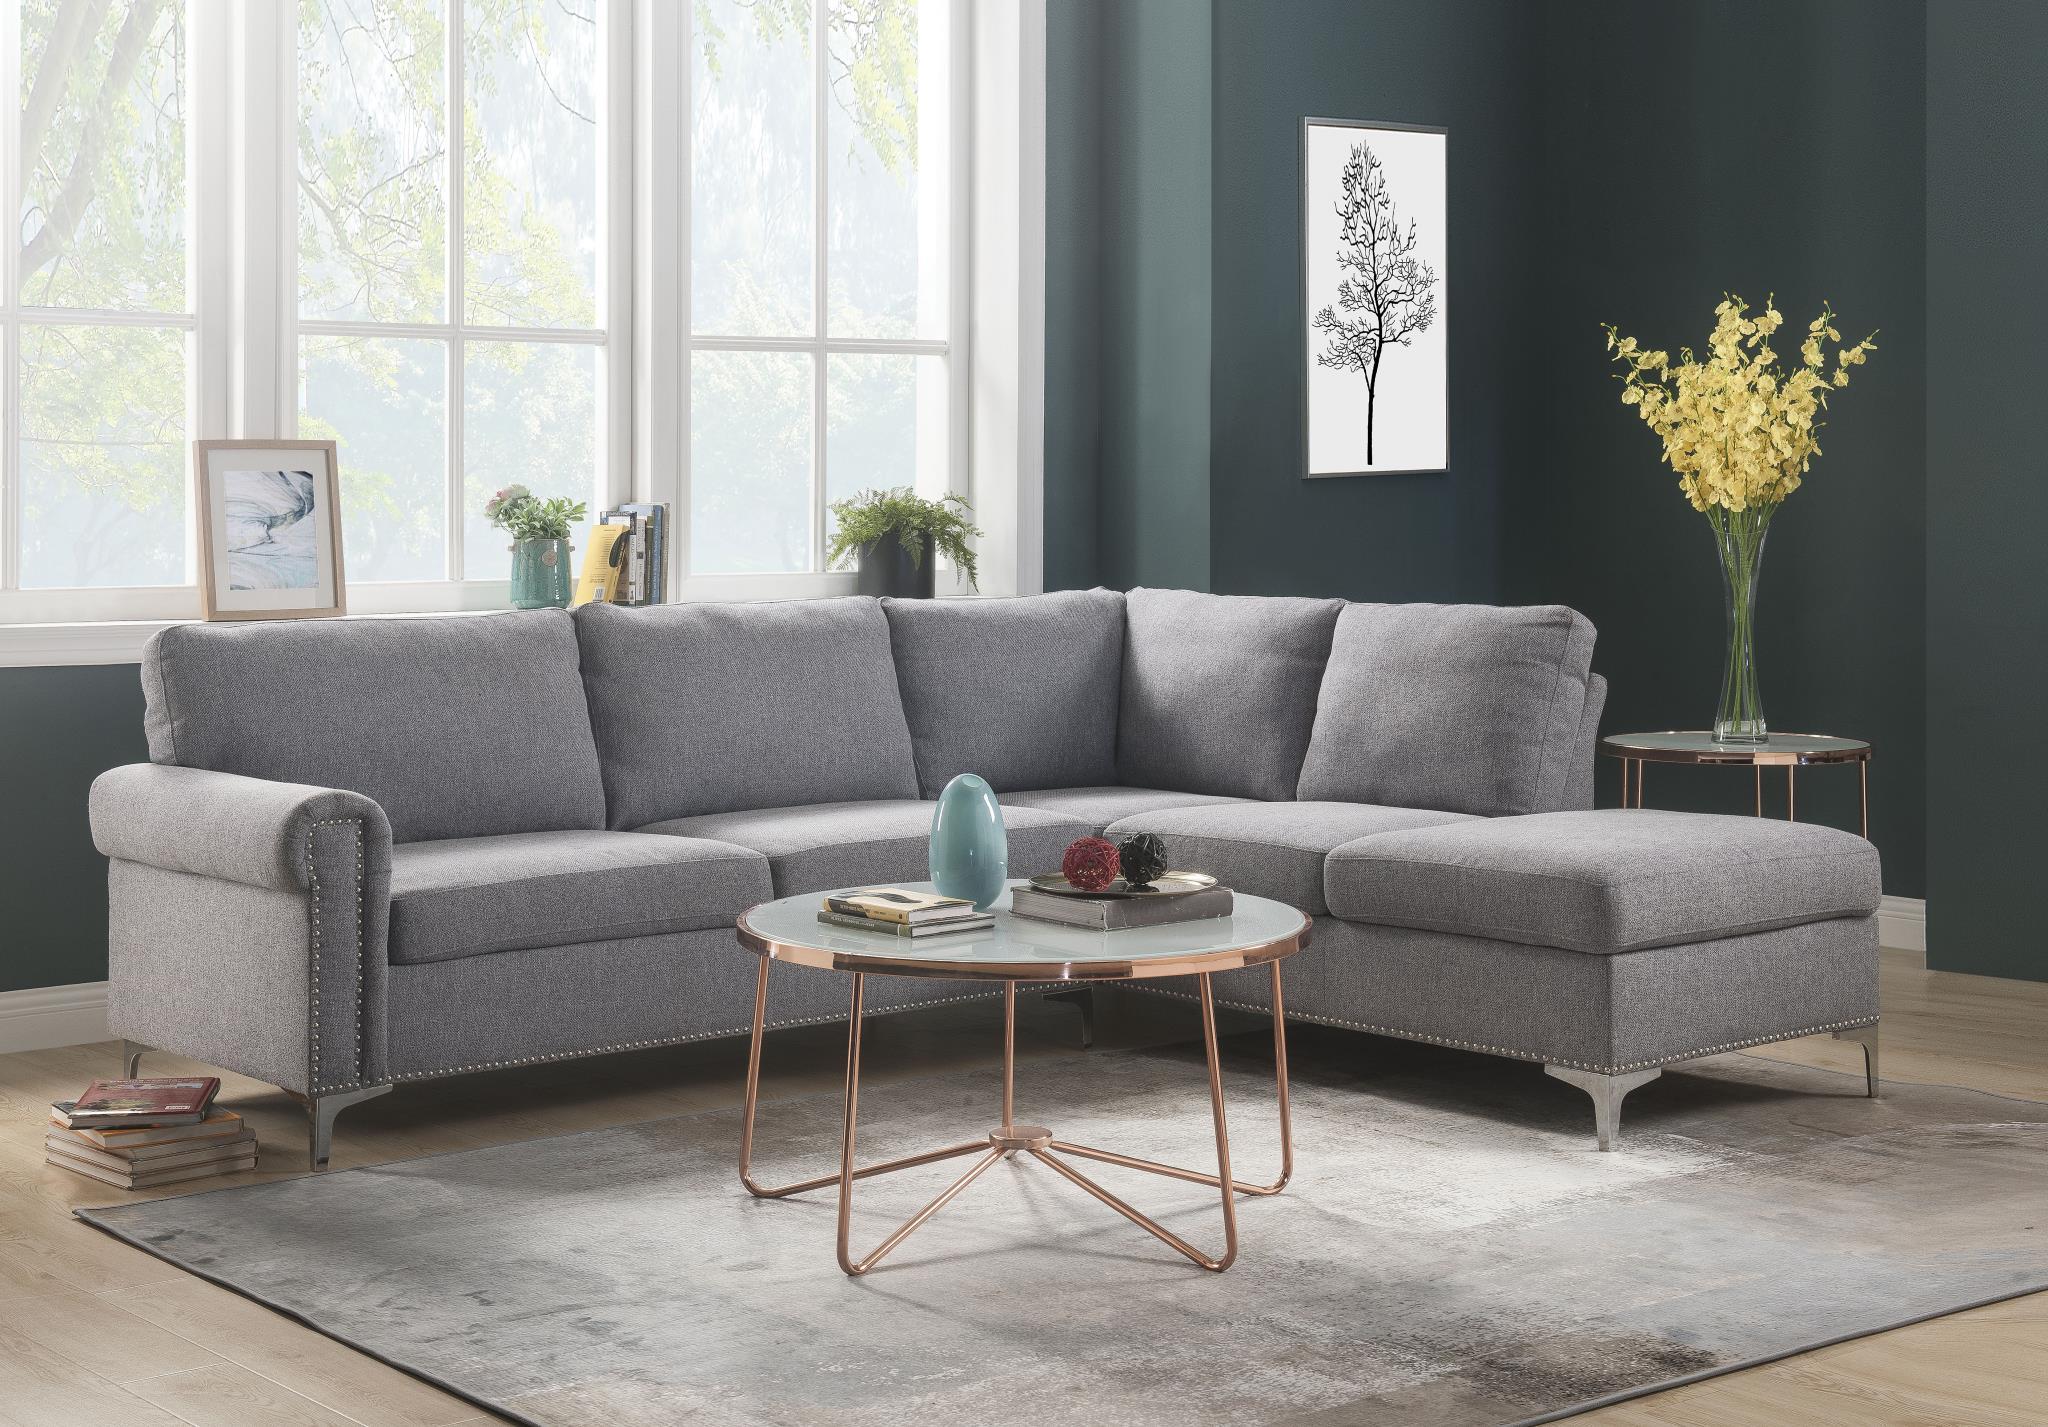 L-Shape Sectional Sofa